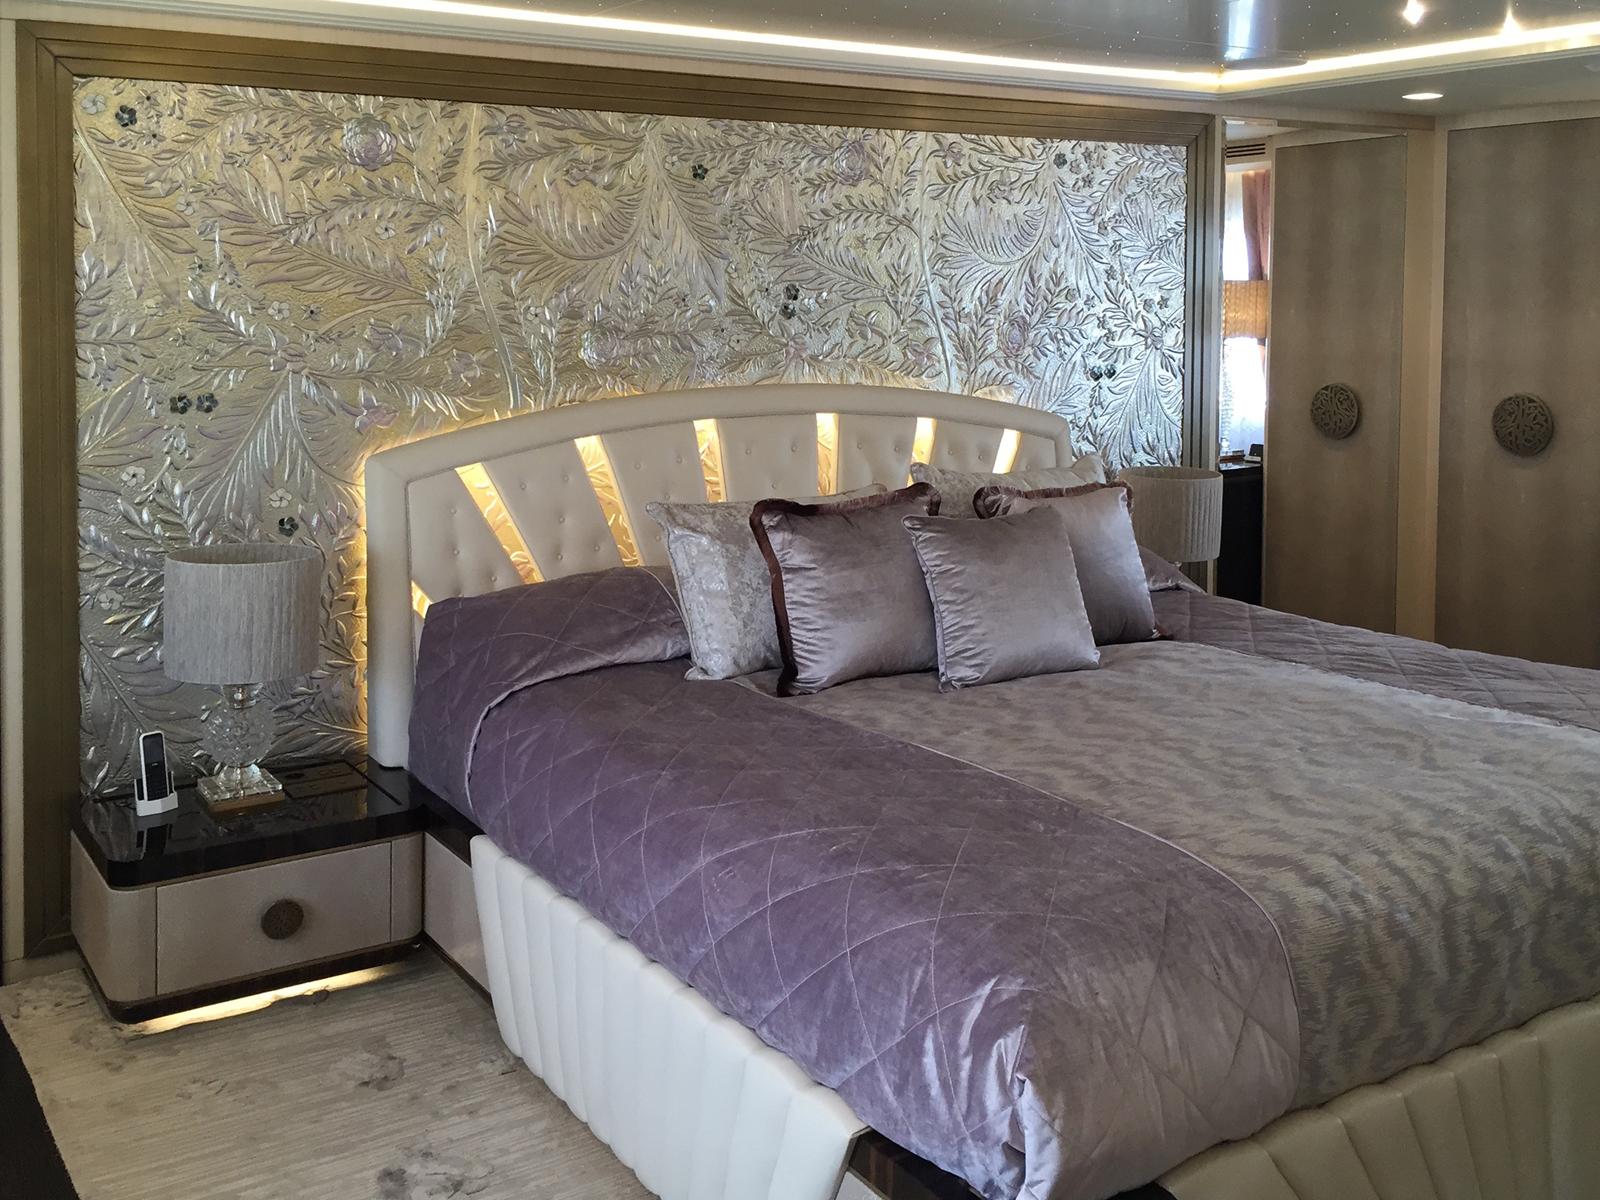 Bassorilievo decorato, Yacht privato